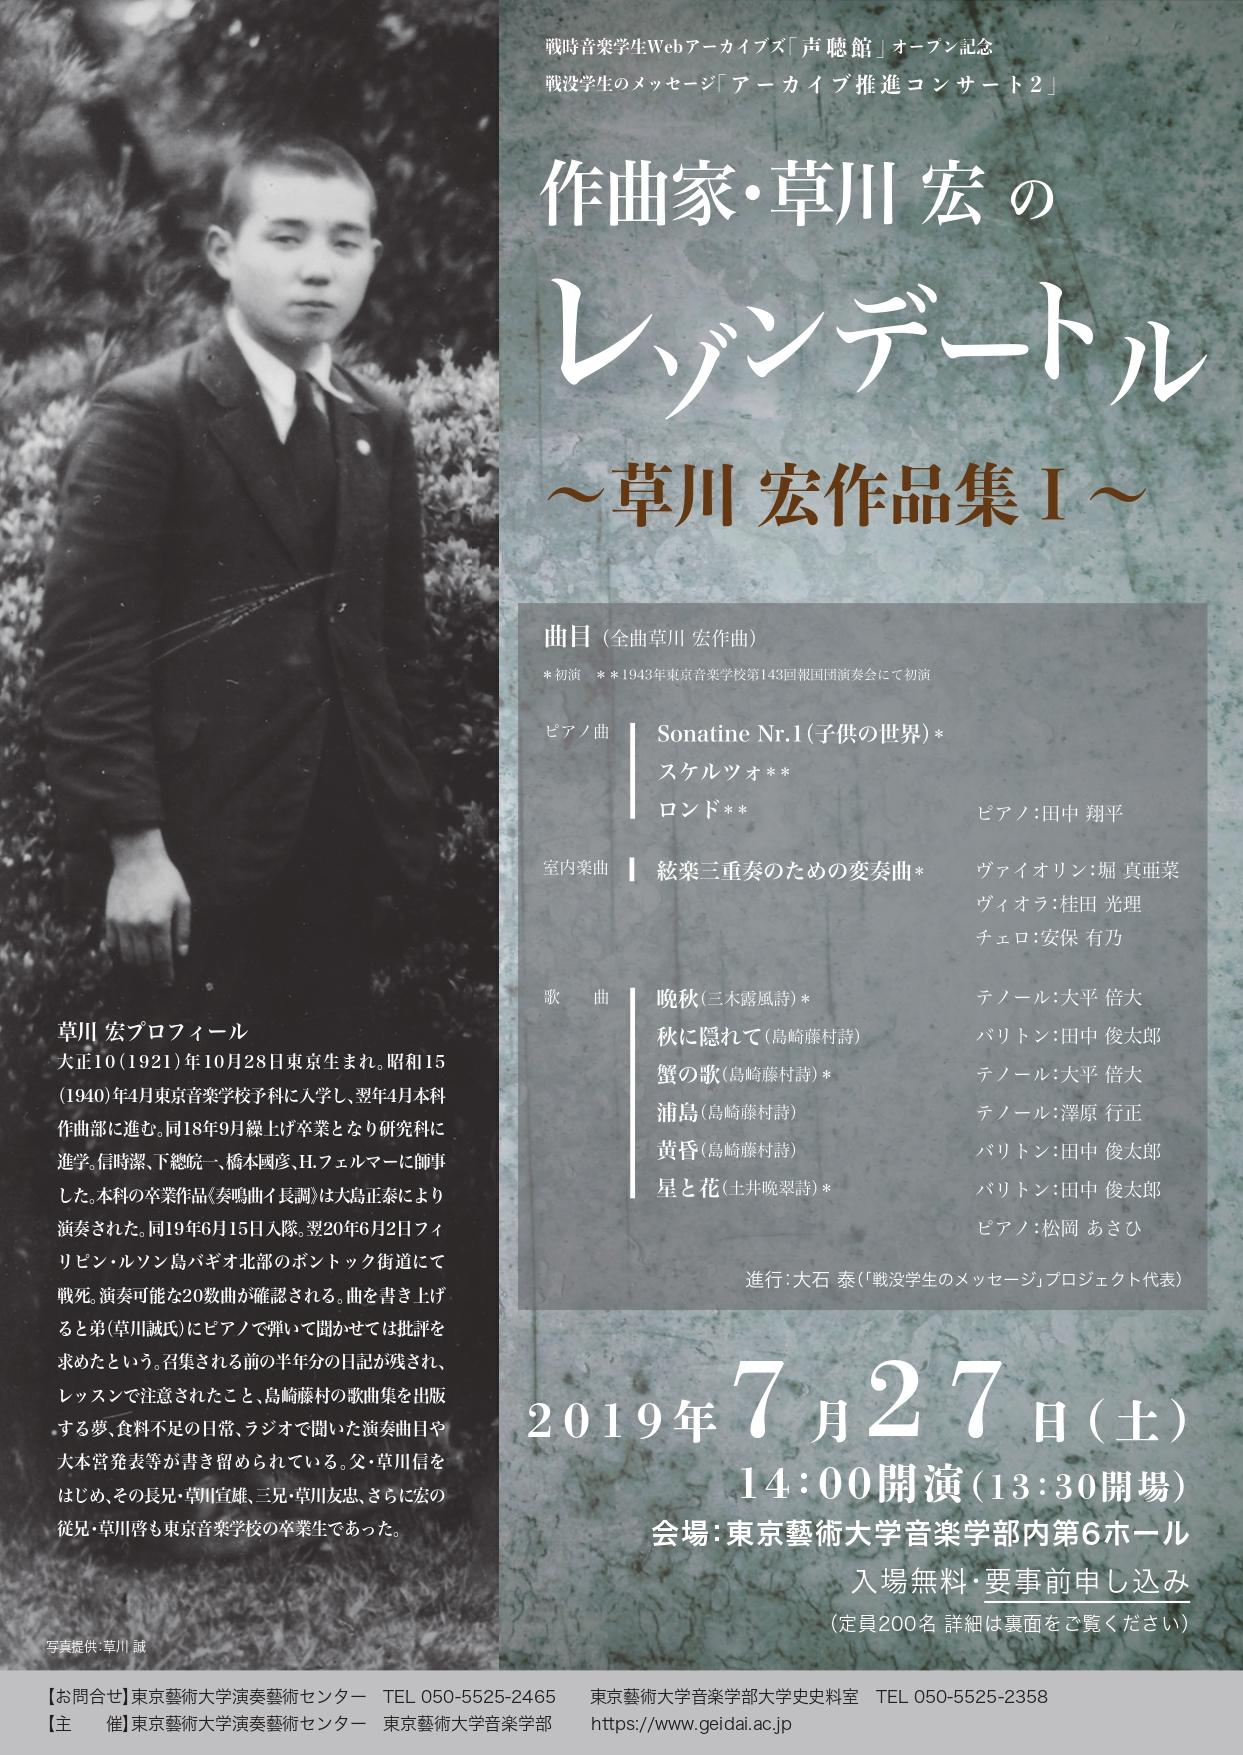 草川宏氏の作品が演奏されます!